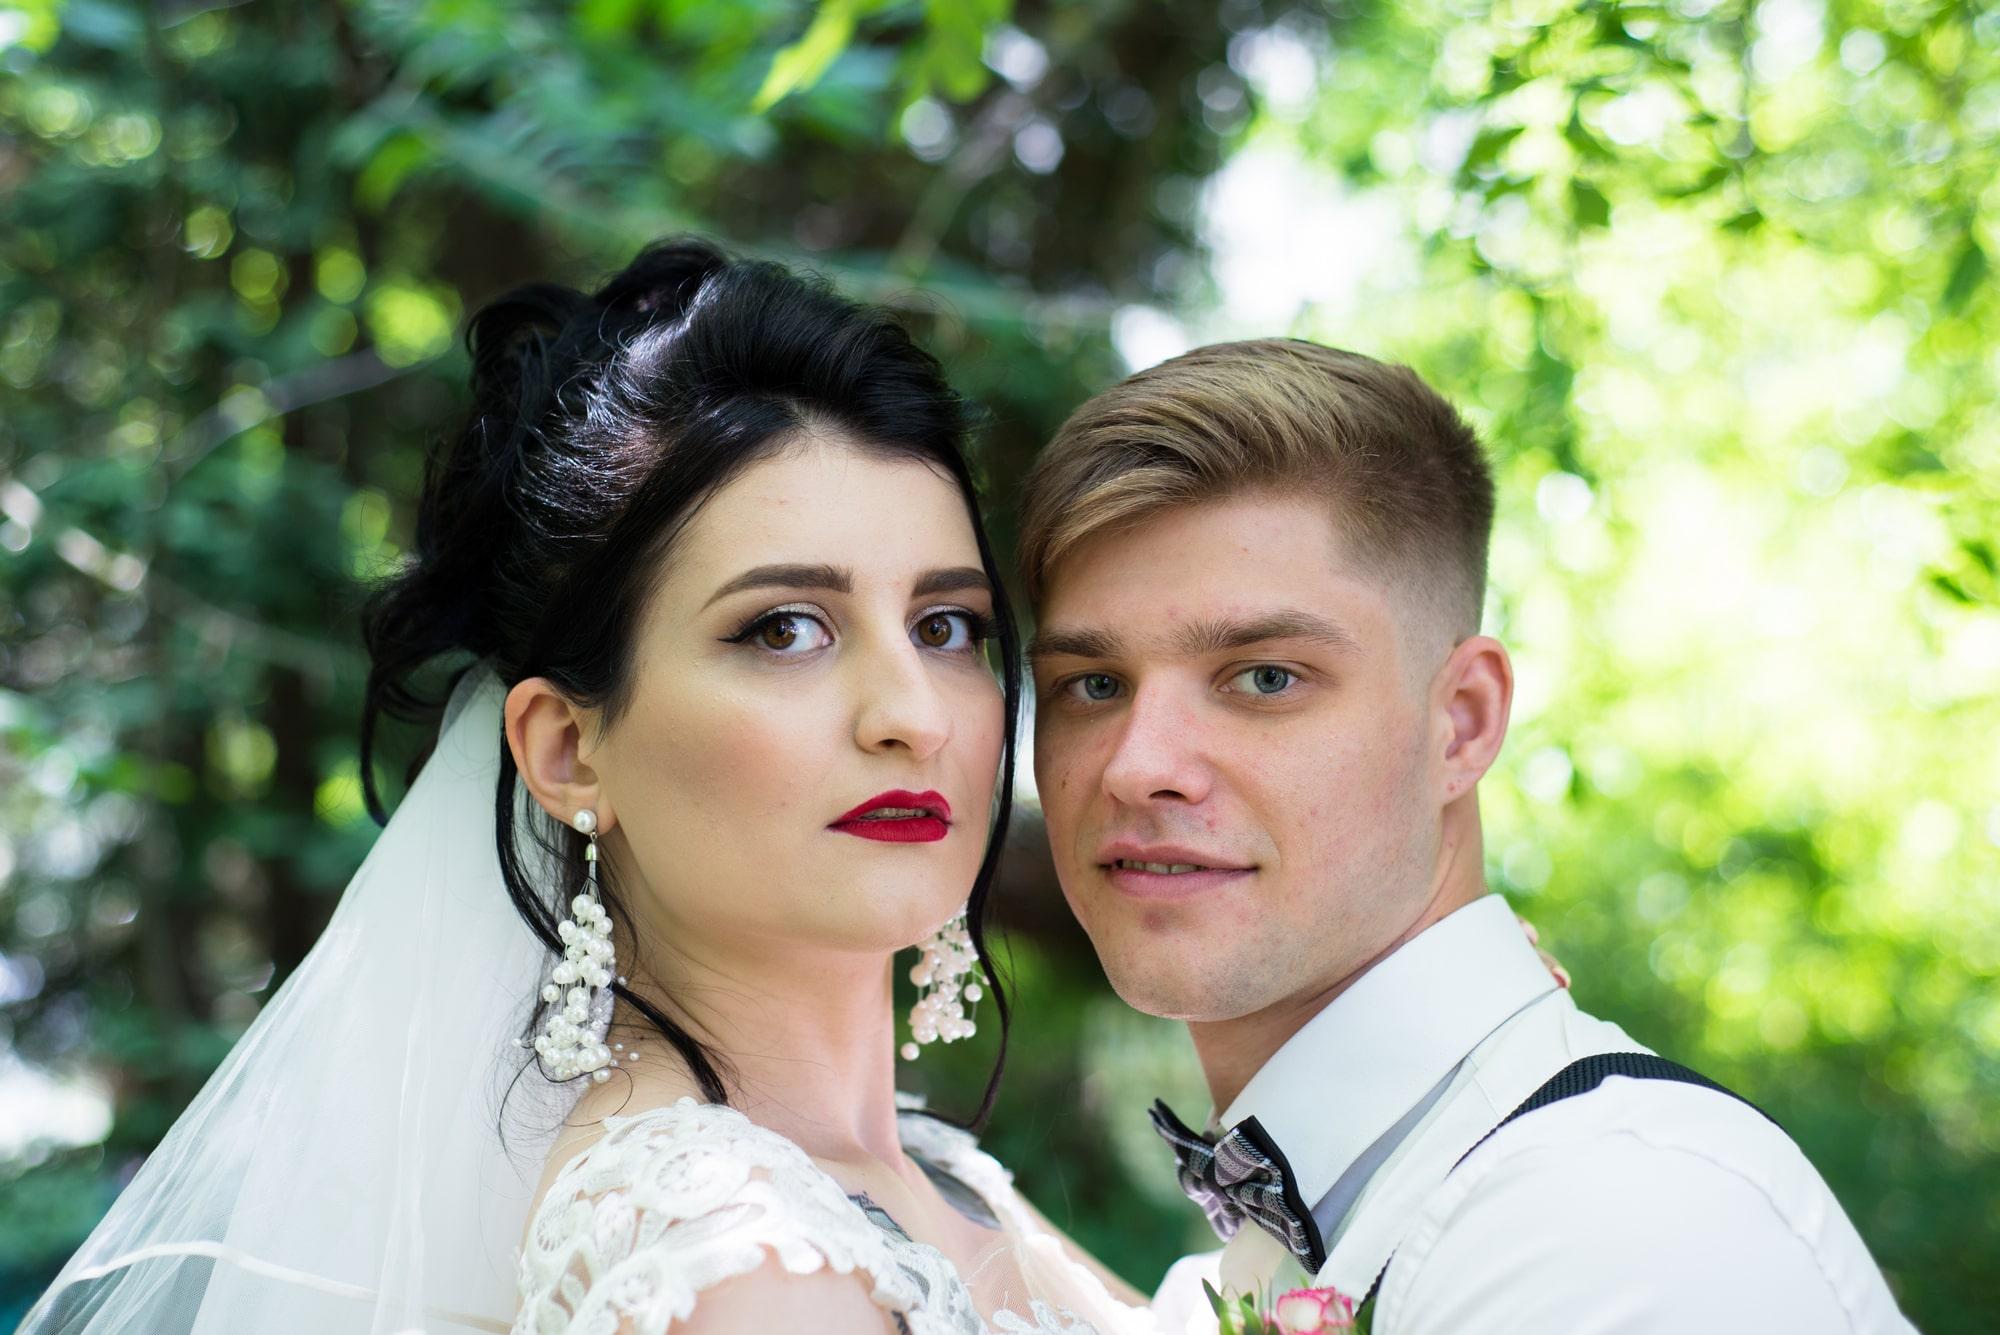 Свадебная фотосессия в студии Play - невеста и жених обнимаются под деревом